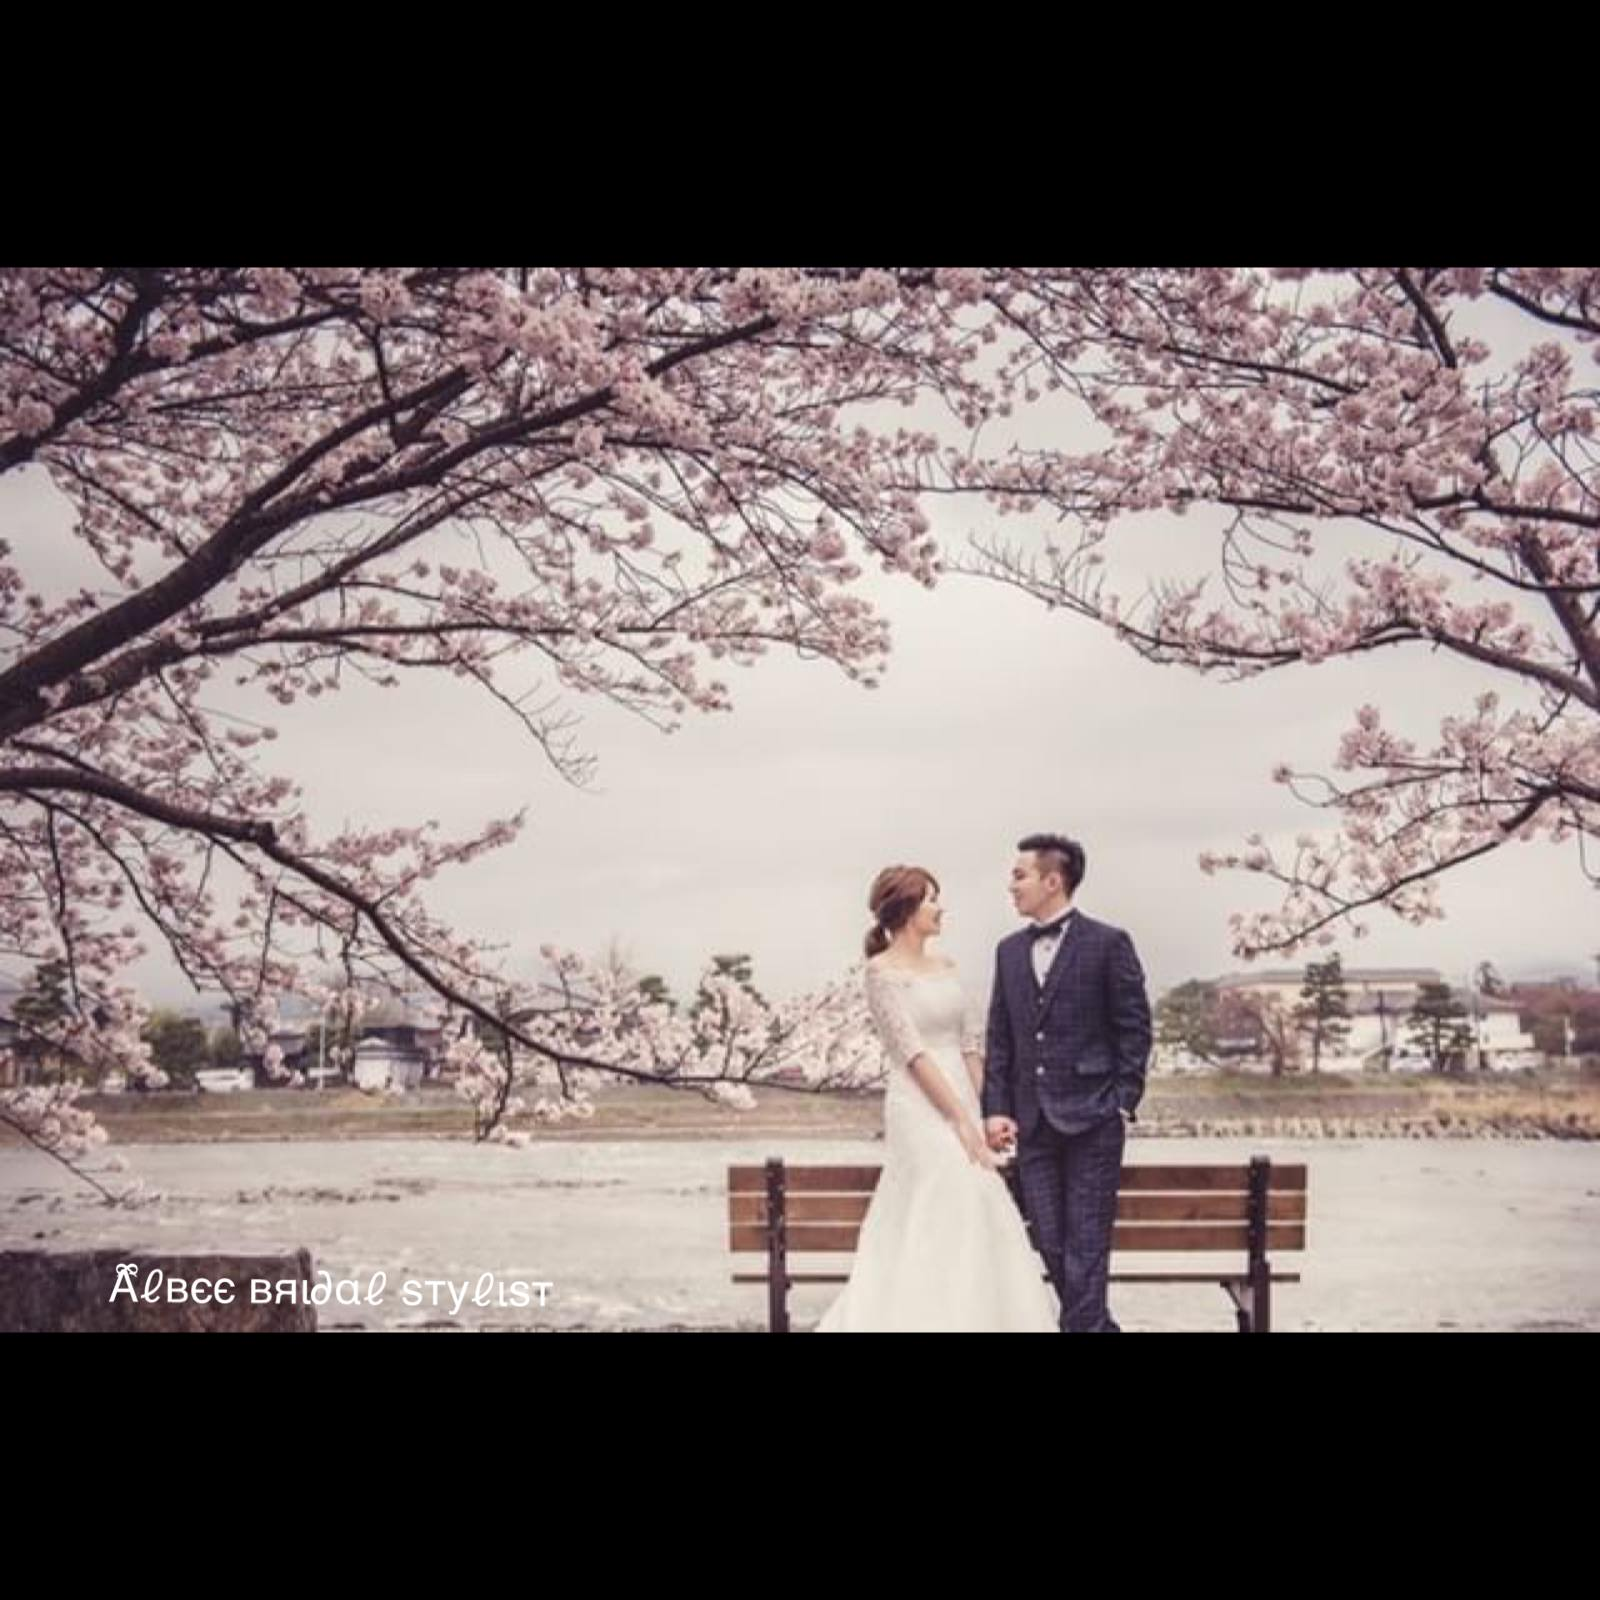 [ѧʟɞєє ẇȏяҡıṅɢ⛱] 海外婚紗 Overseas wedding in Kyoto